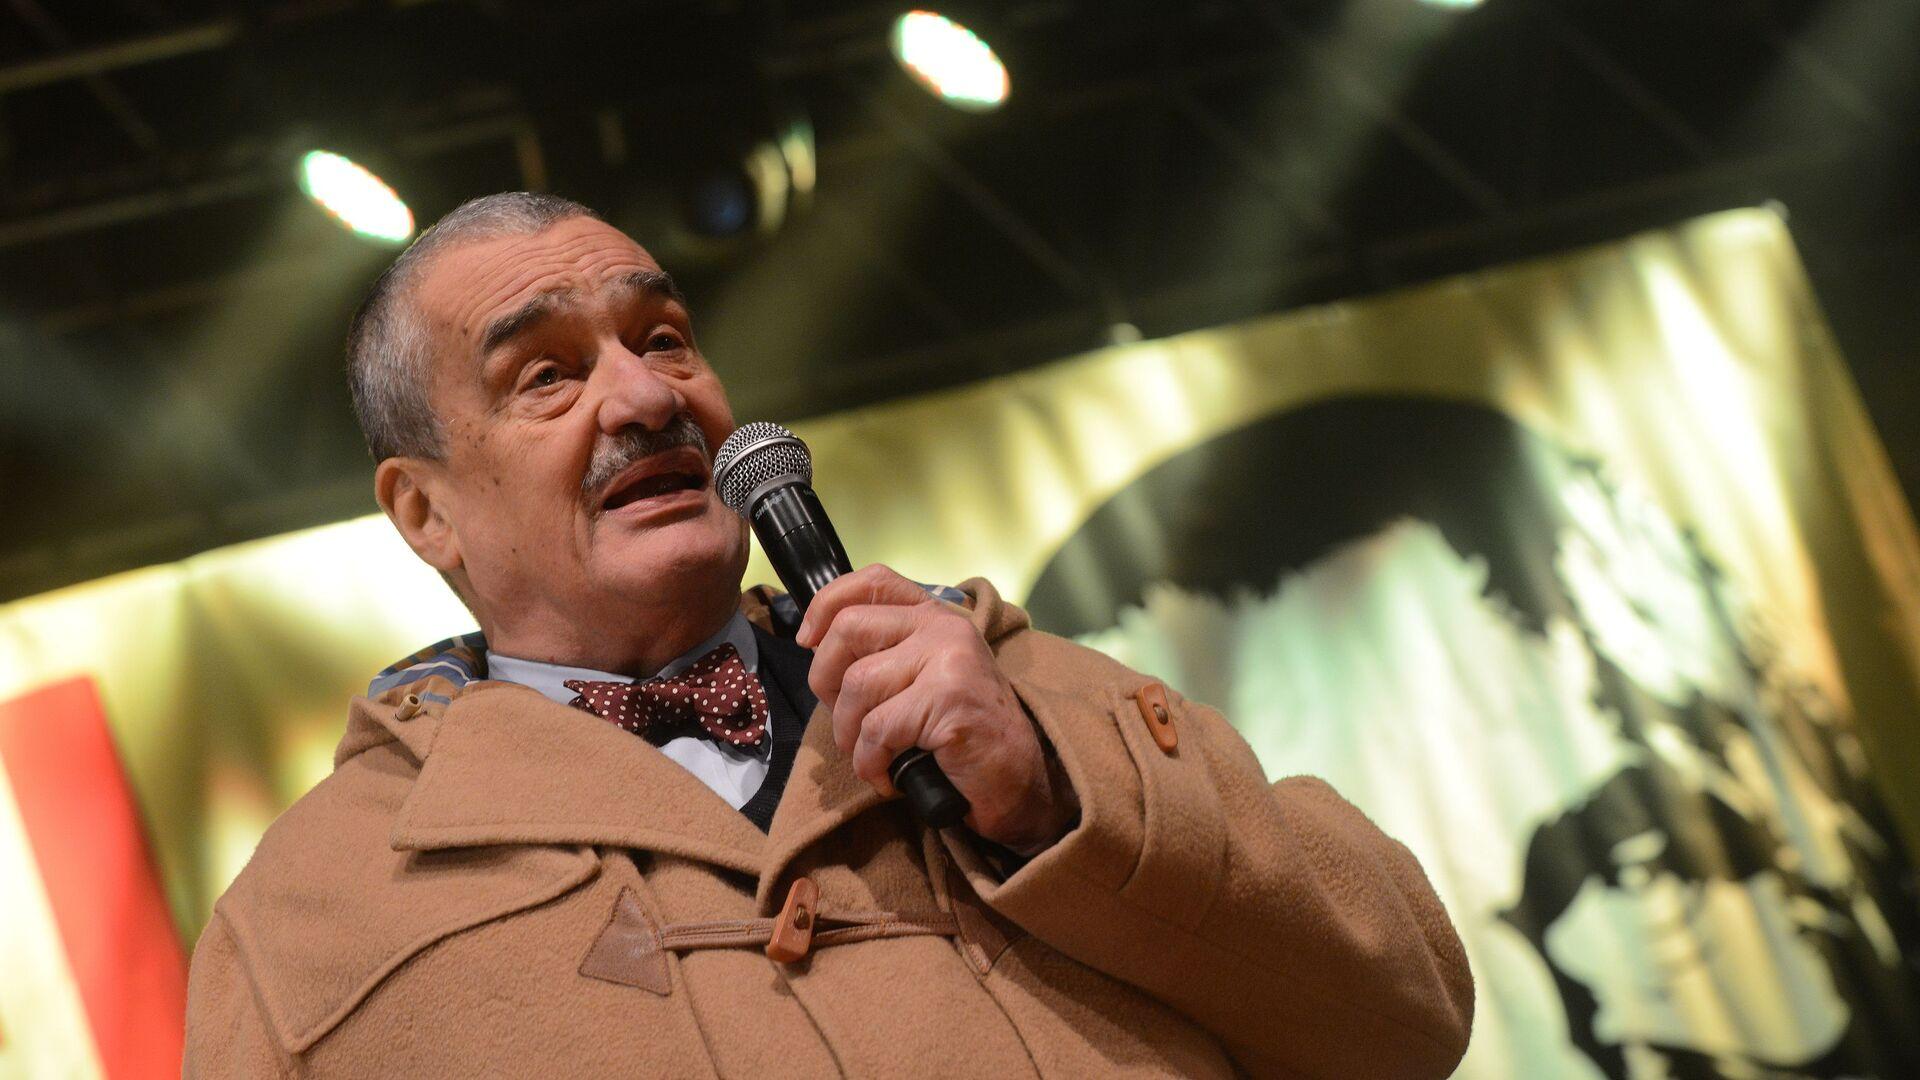 Bývalý ministr zahraničních věcí ČR Karel Schwarzenberg  v roce 2013. Ilustrační foto - Sputnik Česká republika, 1920, 17.02.2021